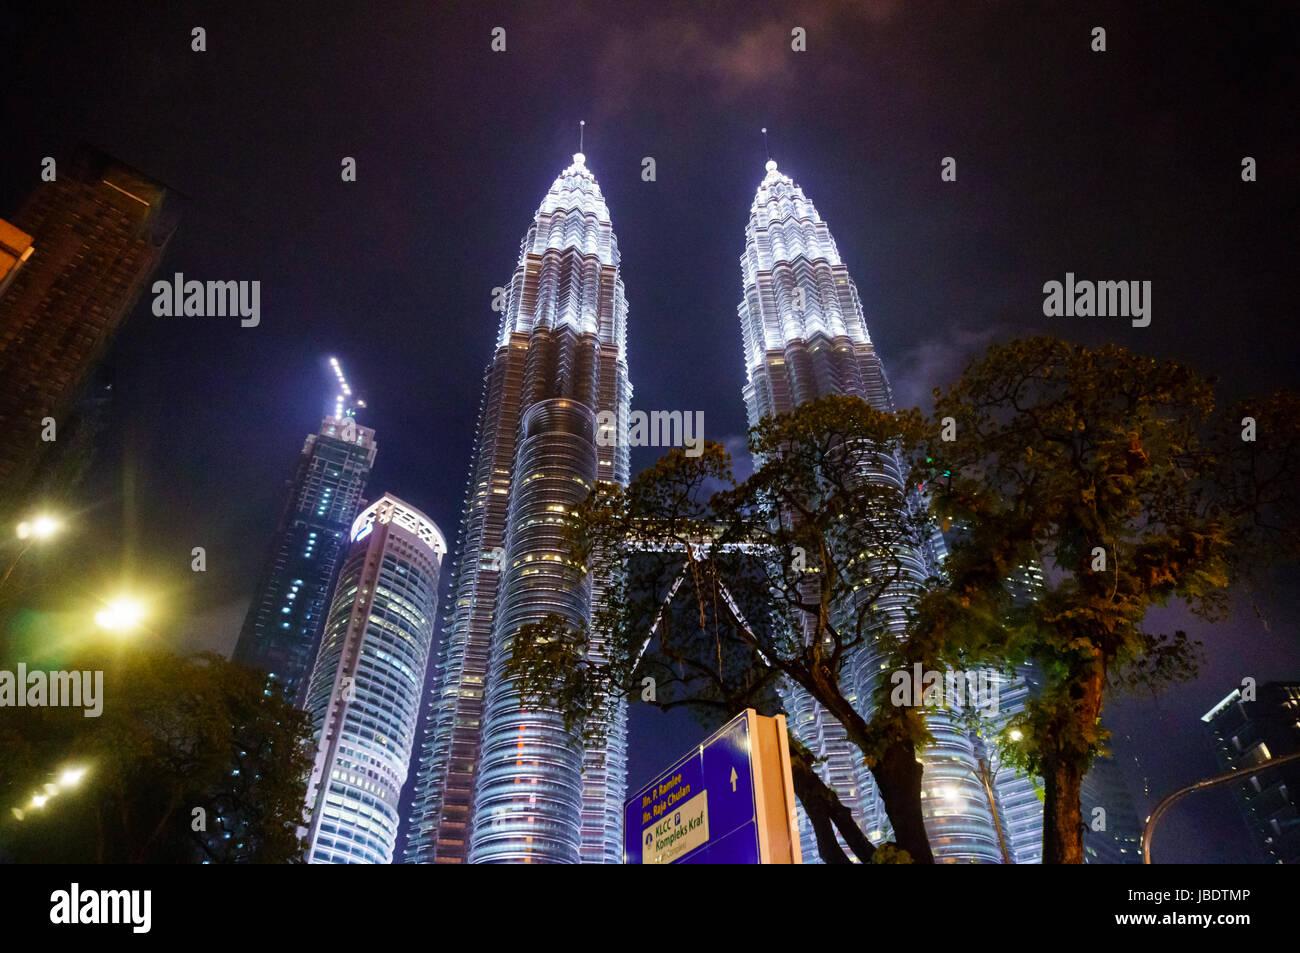 Kuala Lumpur, Malaisie - 5 mai 2017: les tours Petronas sur une nuit pluvieuse avec un ciel nuageux et pluie torrentielle. Banque D'Images